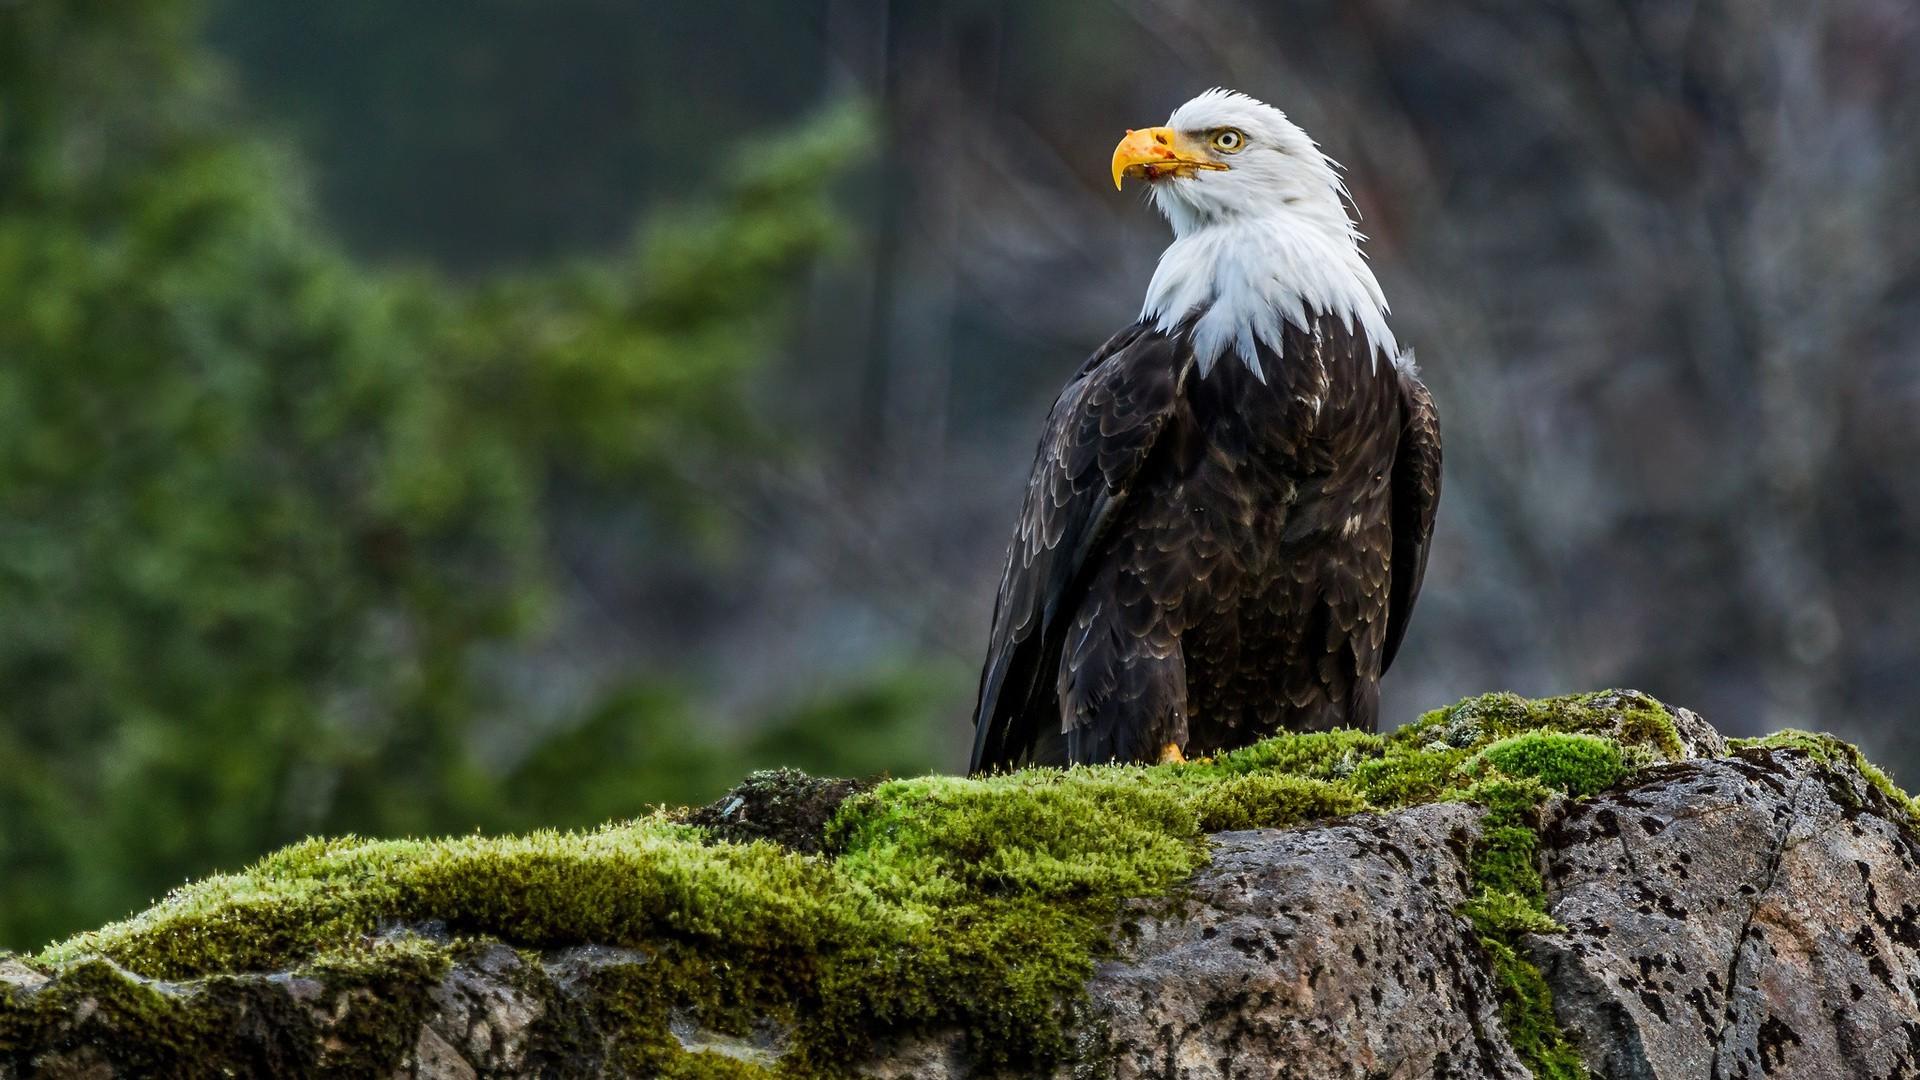 Bald Eagle Wallpaper 1